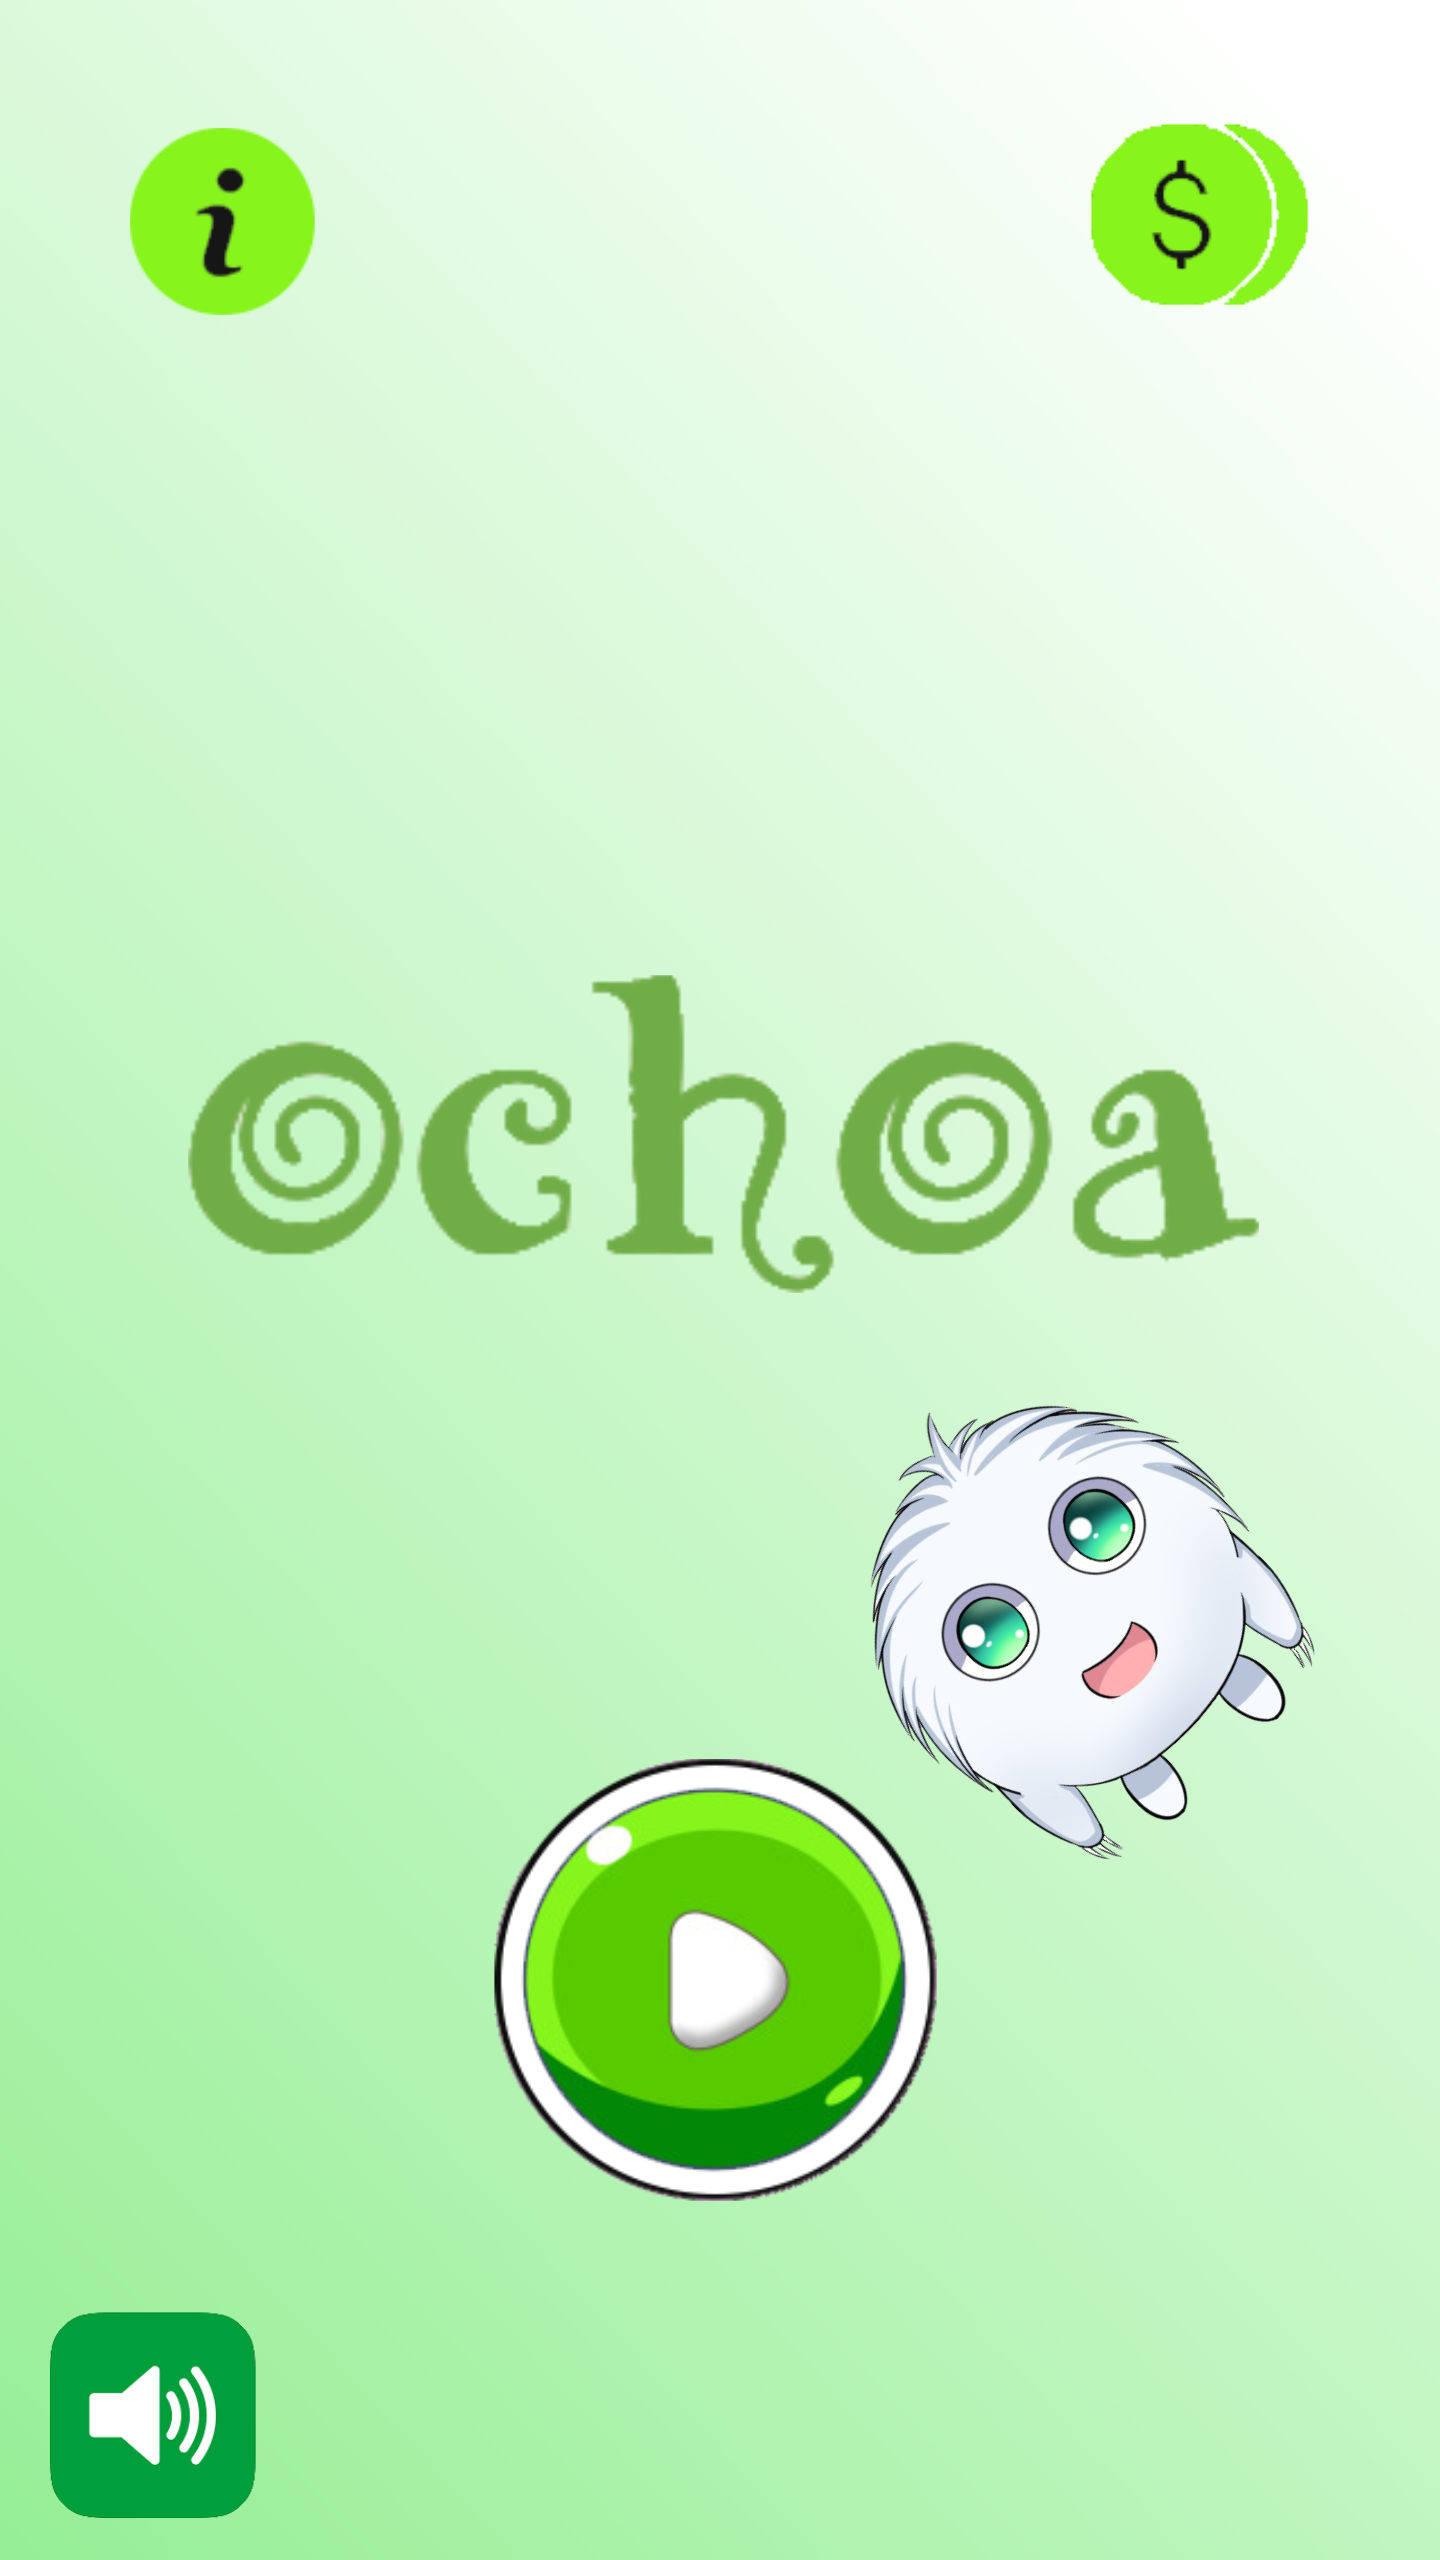 Ochoa